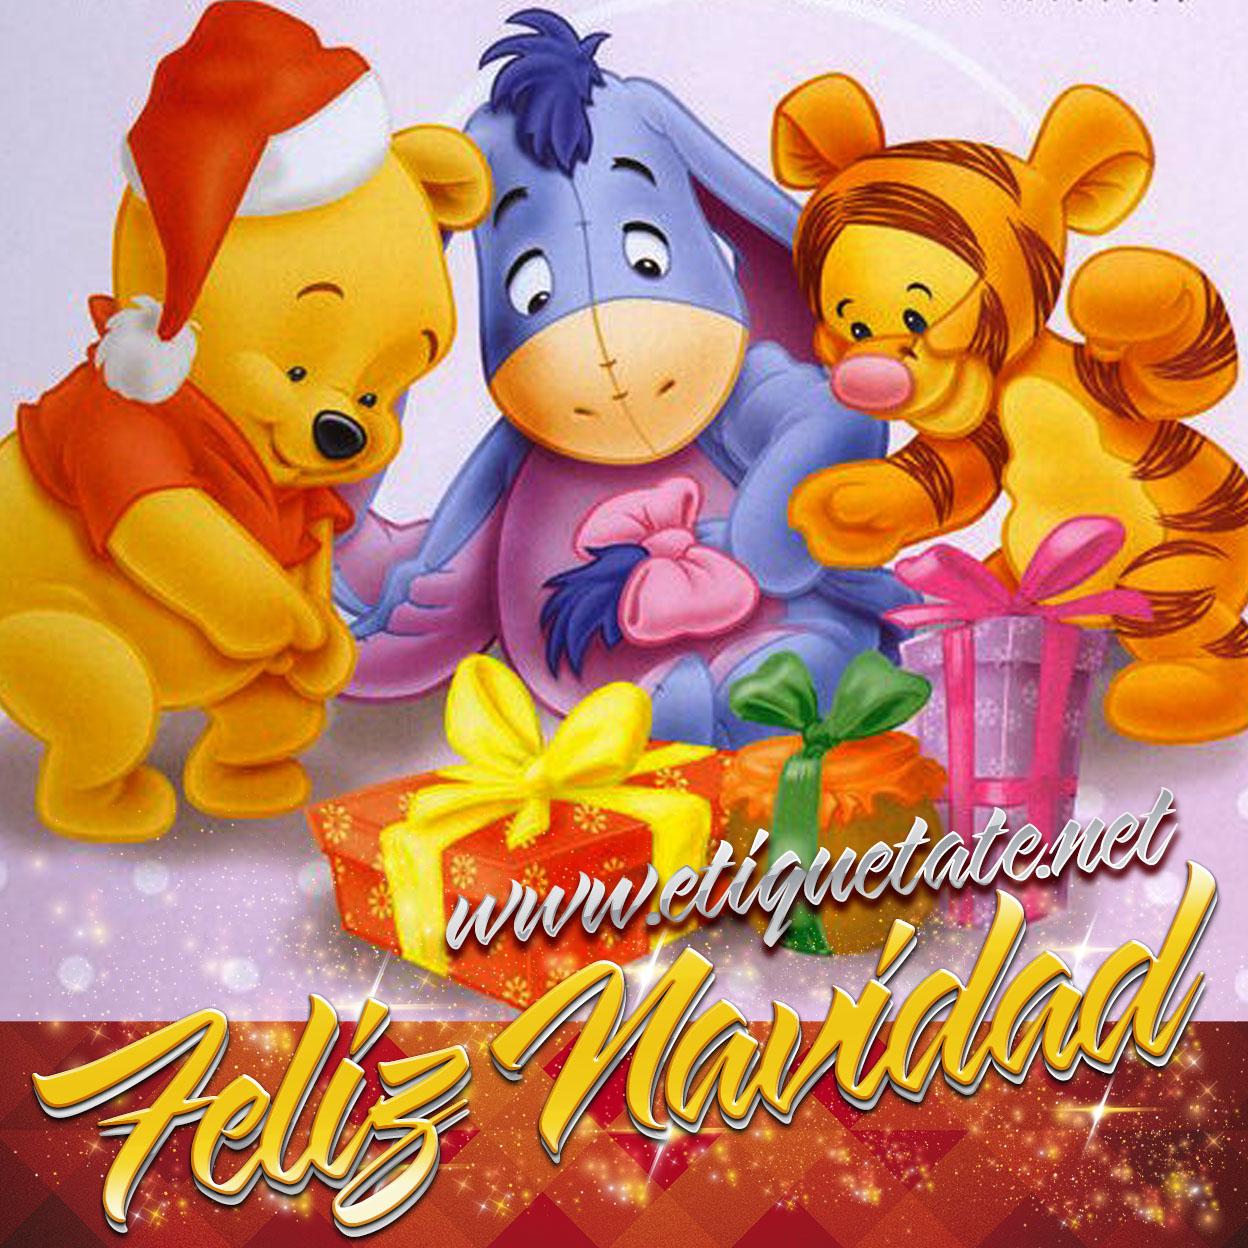 Imagenes-de-cumpleaños-de-winnie-pooh-para-instagram.